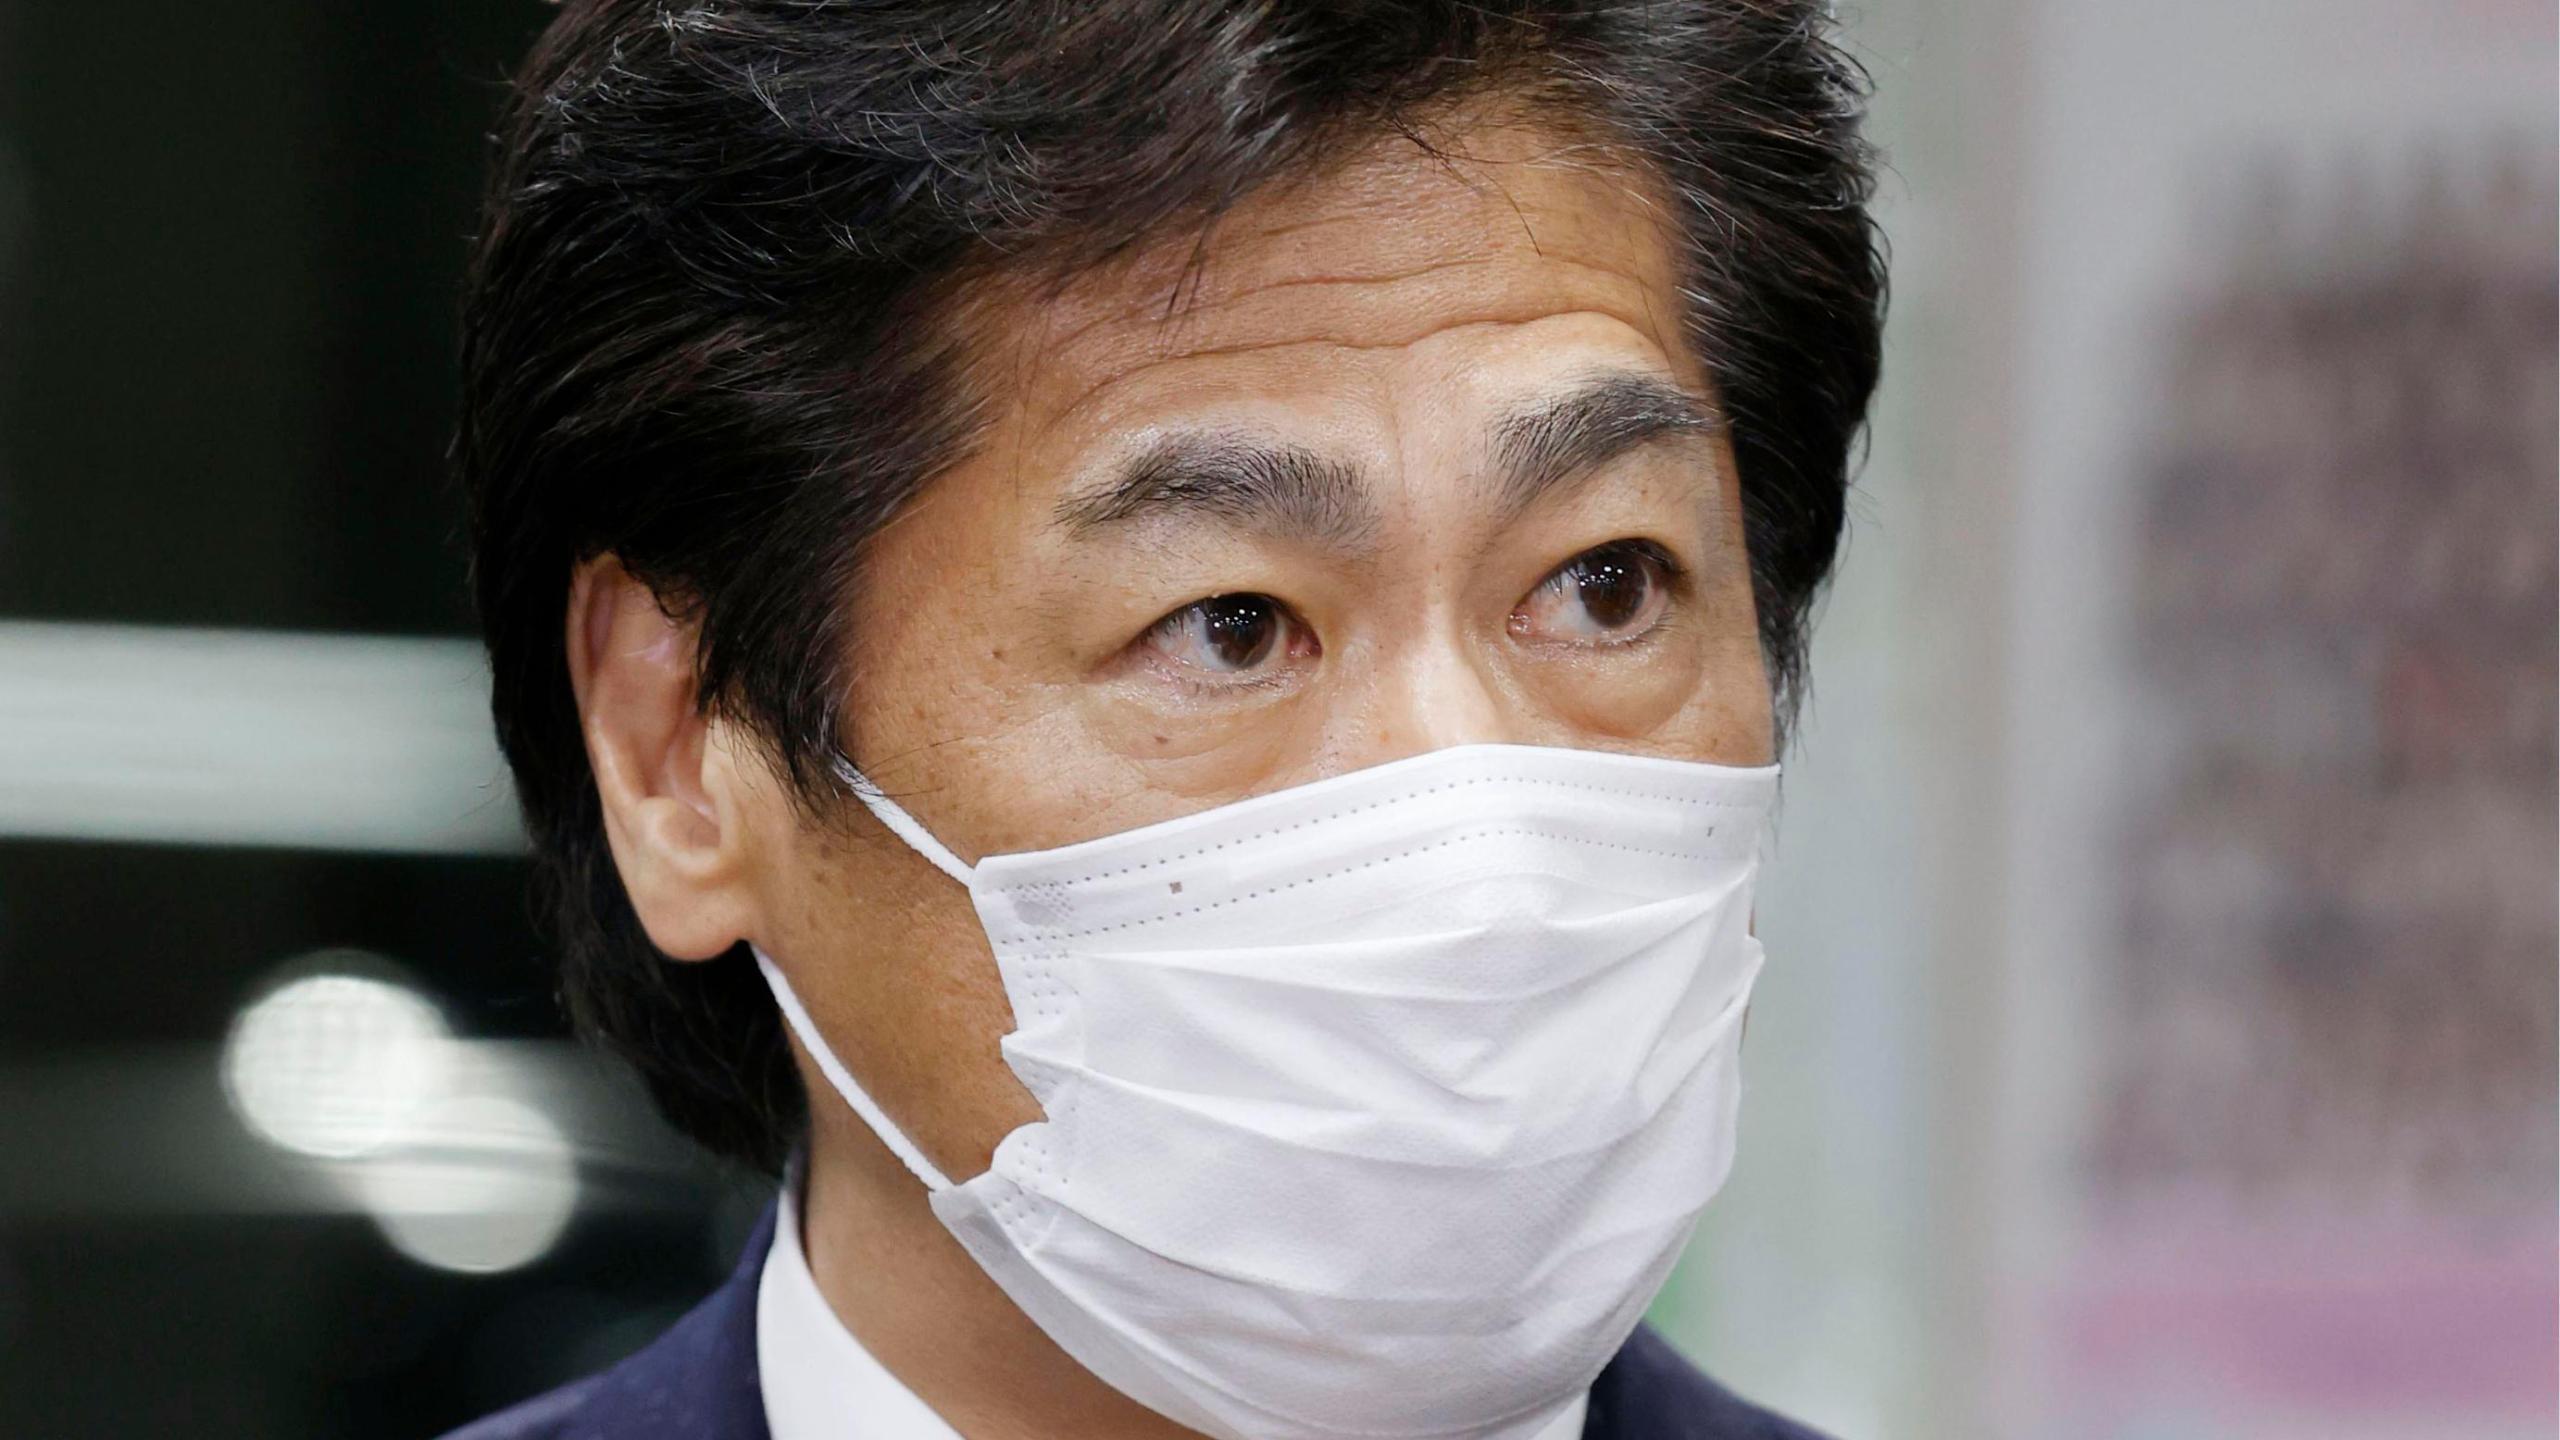 اليابان تعود إلى حالة الطوارئ مرة أخرى!